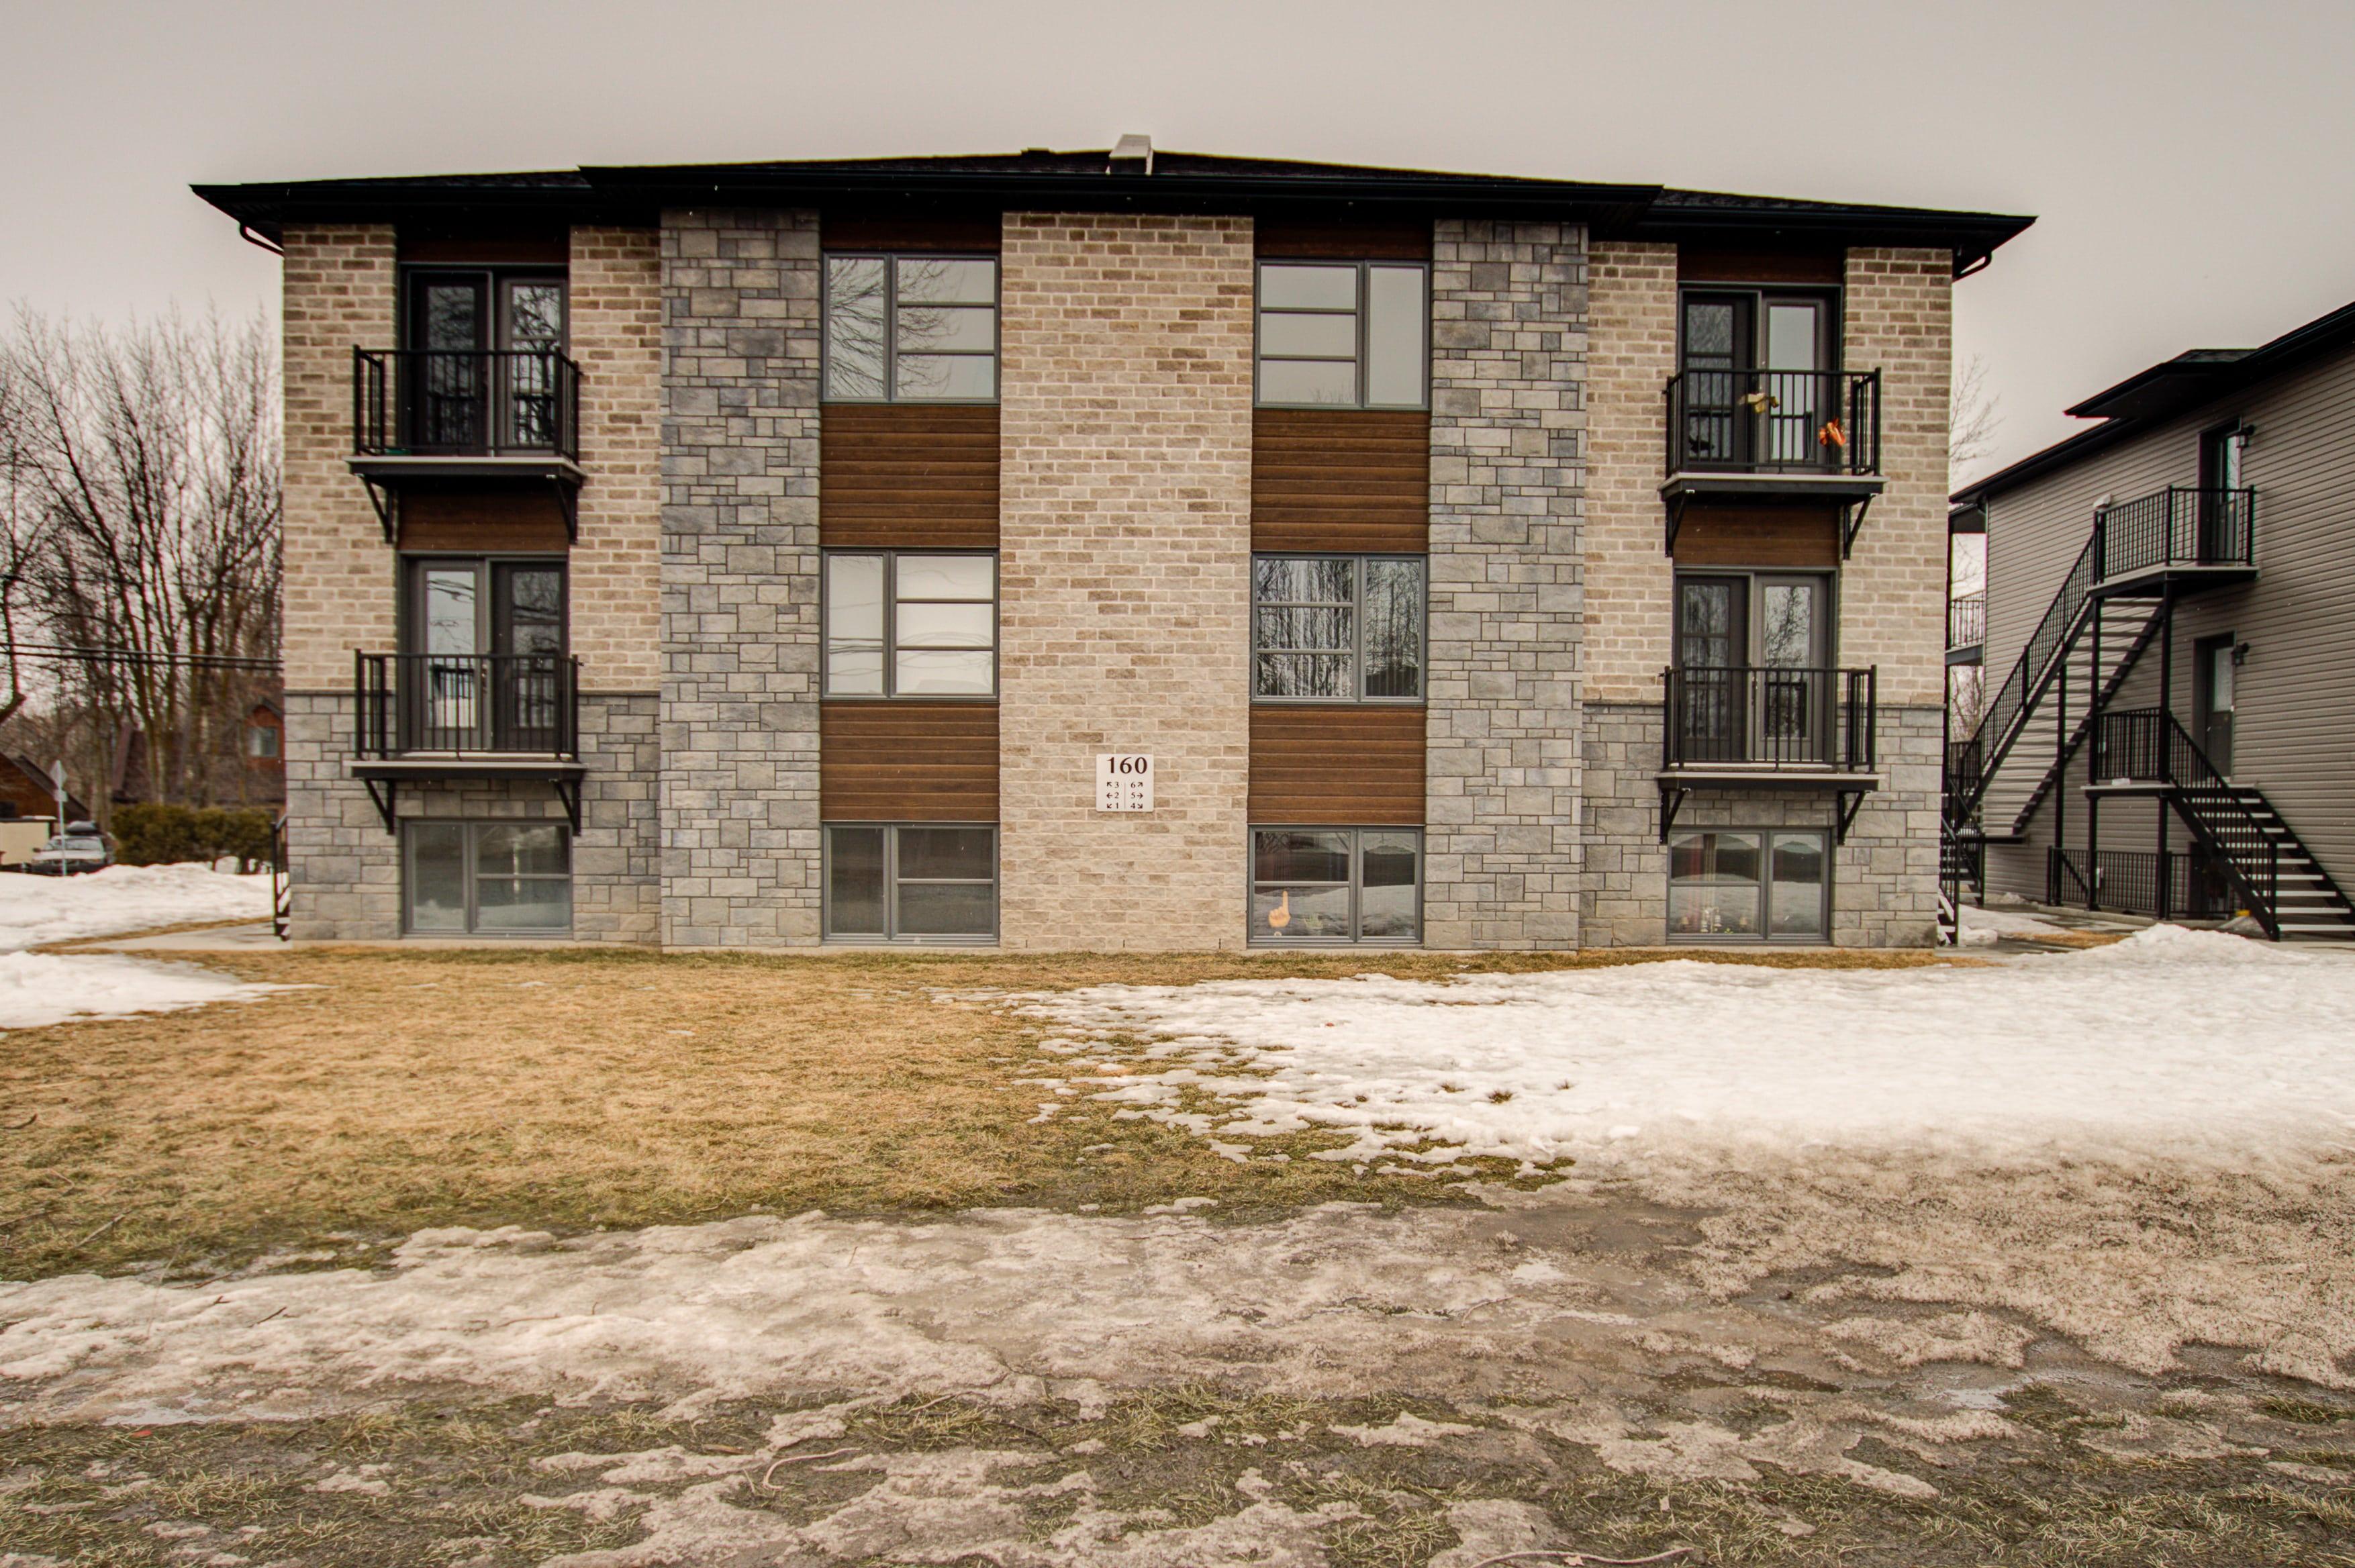 Apartment / Condo / Strata for Rent in 150 Boulevard de Maple Grove, Maple Grove